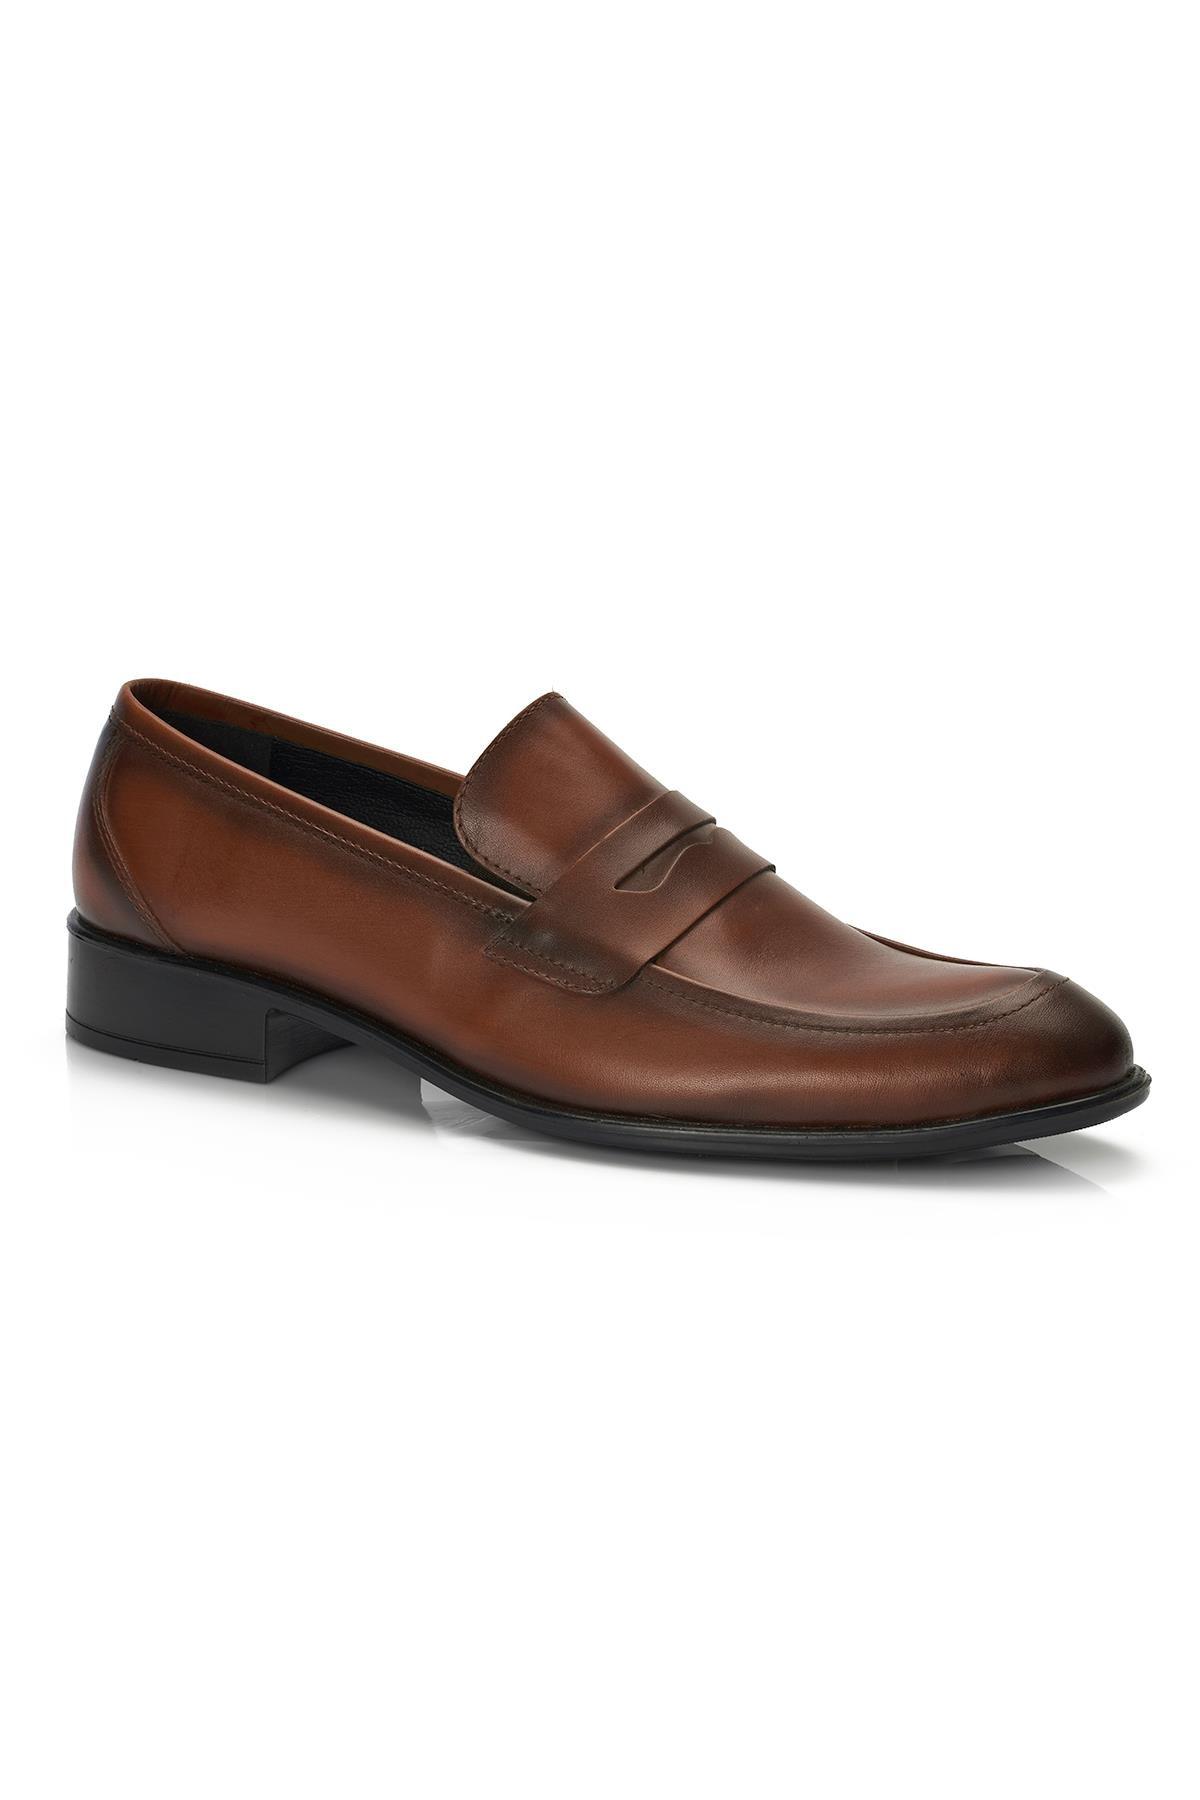 Birbirinden Şık Klasik Erkek Ayakkabı Modelleri